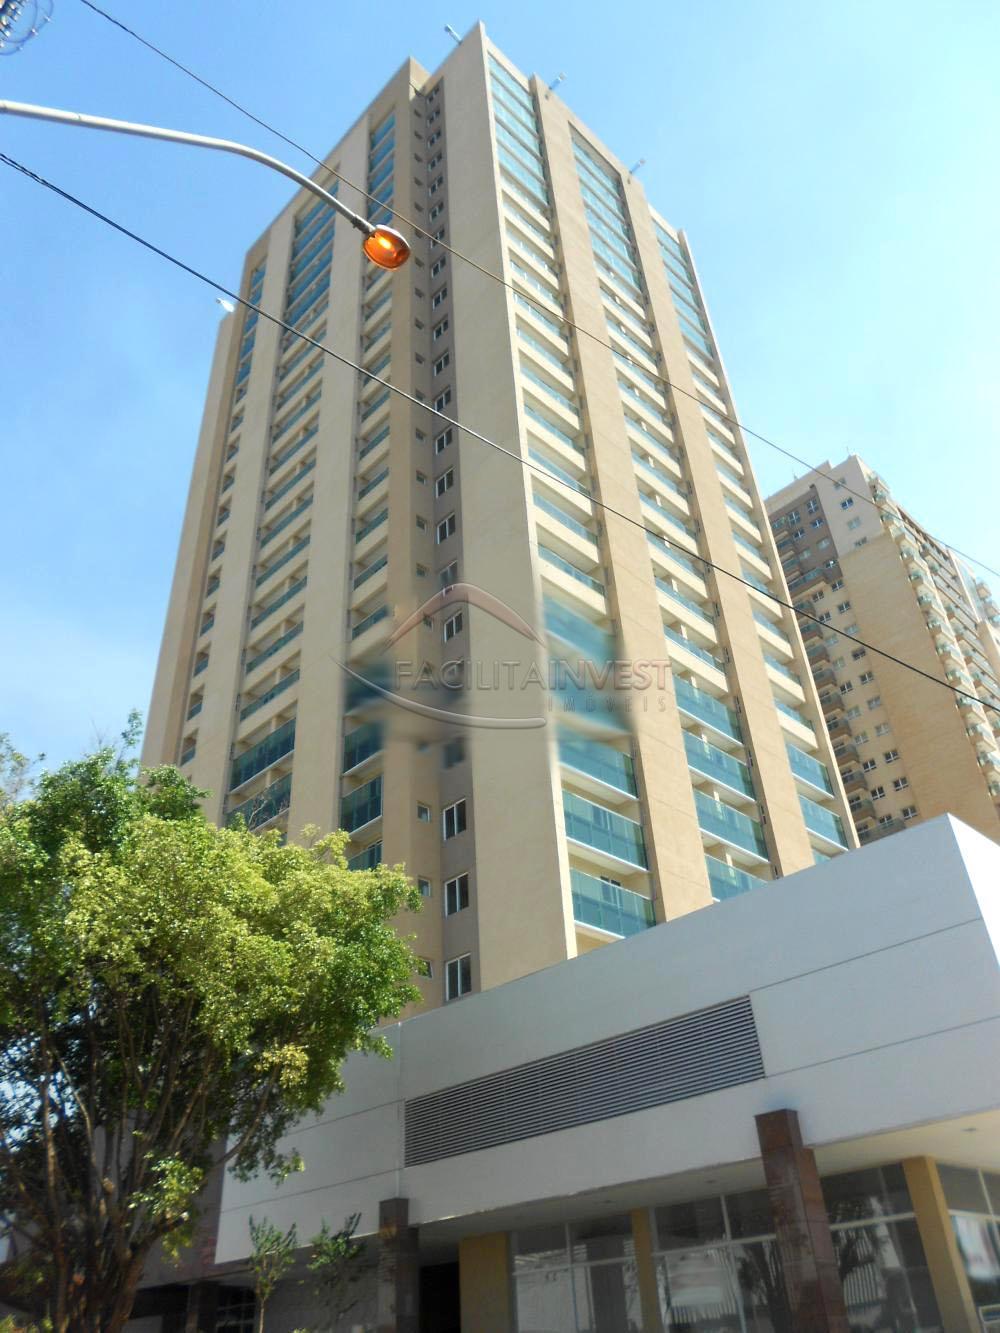 Comprar Salas Comerciais em Edifícios / Salas comerciais em Ribeirão Preto apenas R$ 2.720.000,00 - Foto 1